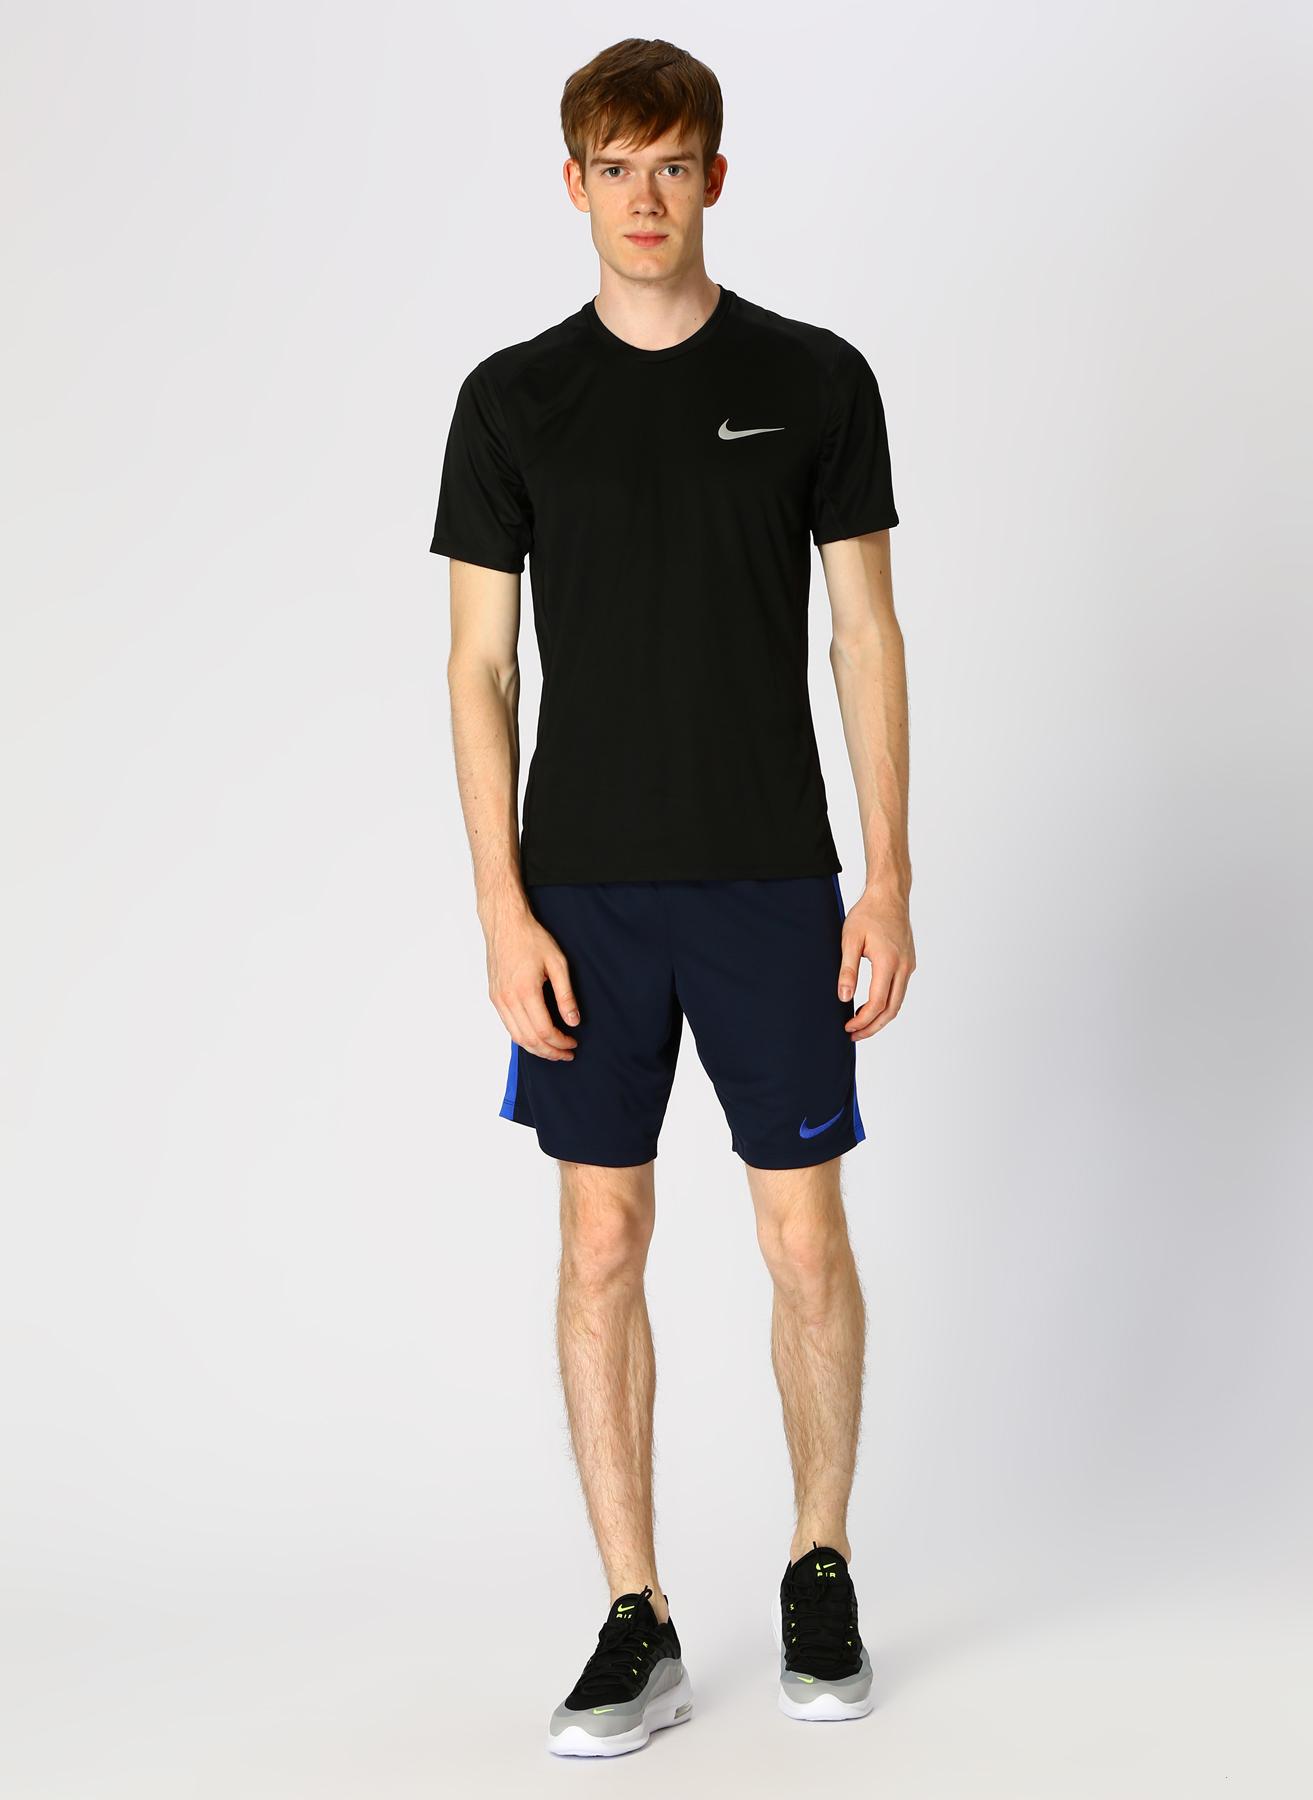 Nike Miler Short-Sleeve Running T-Shirt S 5000146508001